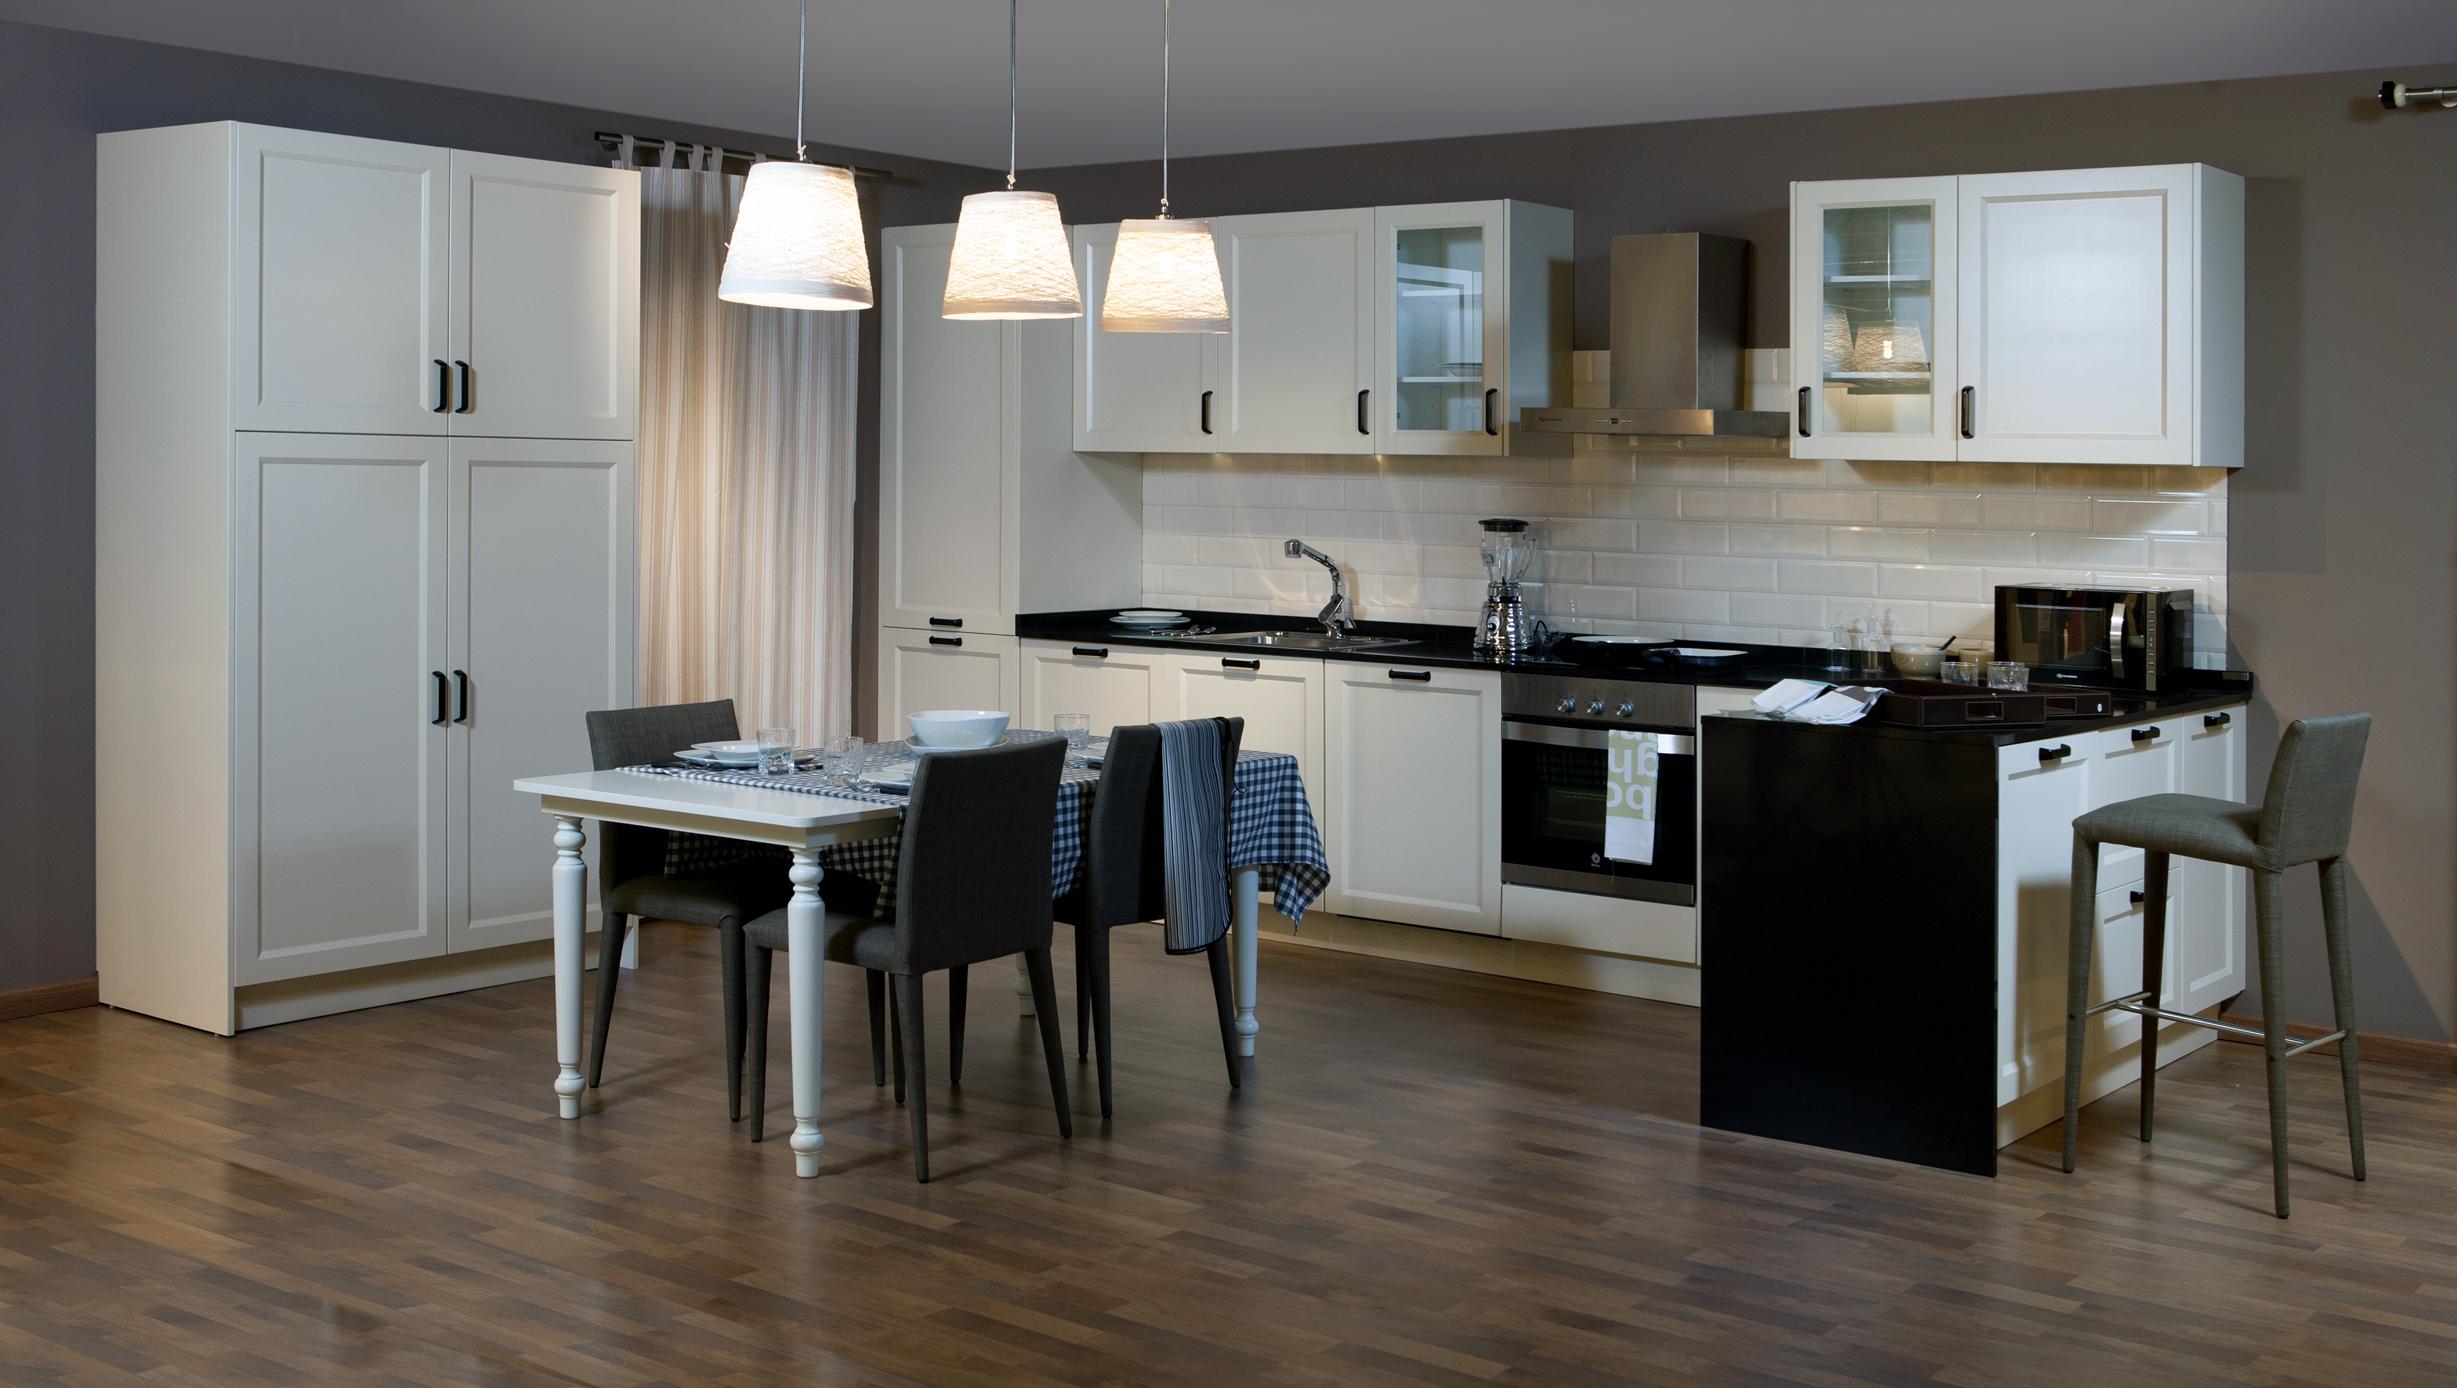 Lamiplast participar en maderalia y en espacio cocina pr xima edici n del 10 al 13 marzo 2020 - Lamiplast cocinas ...